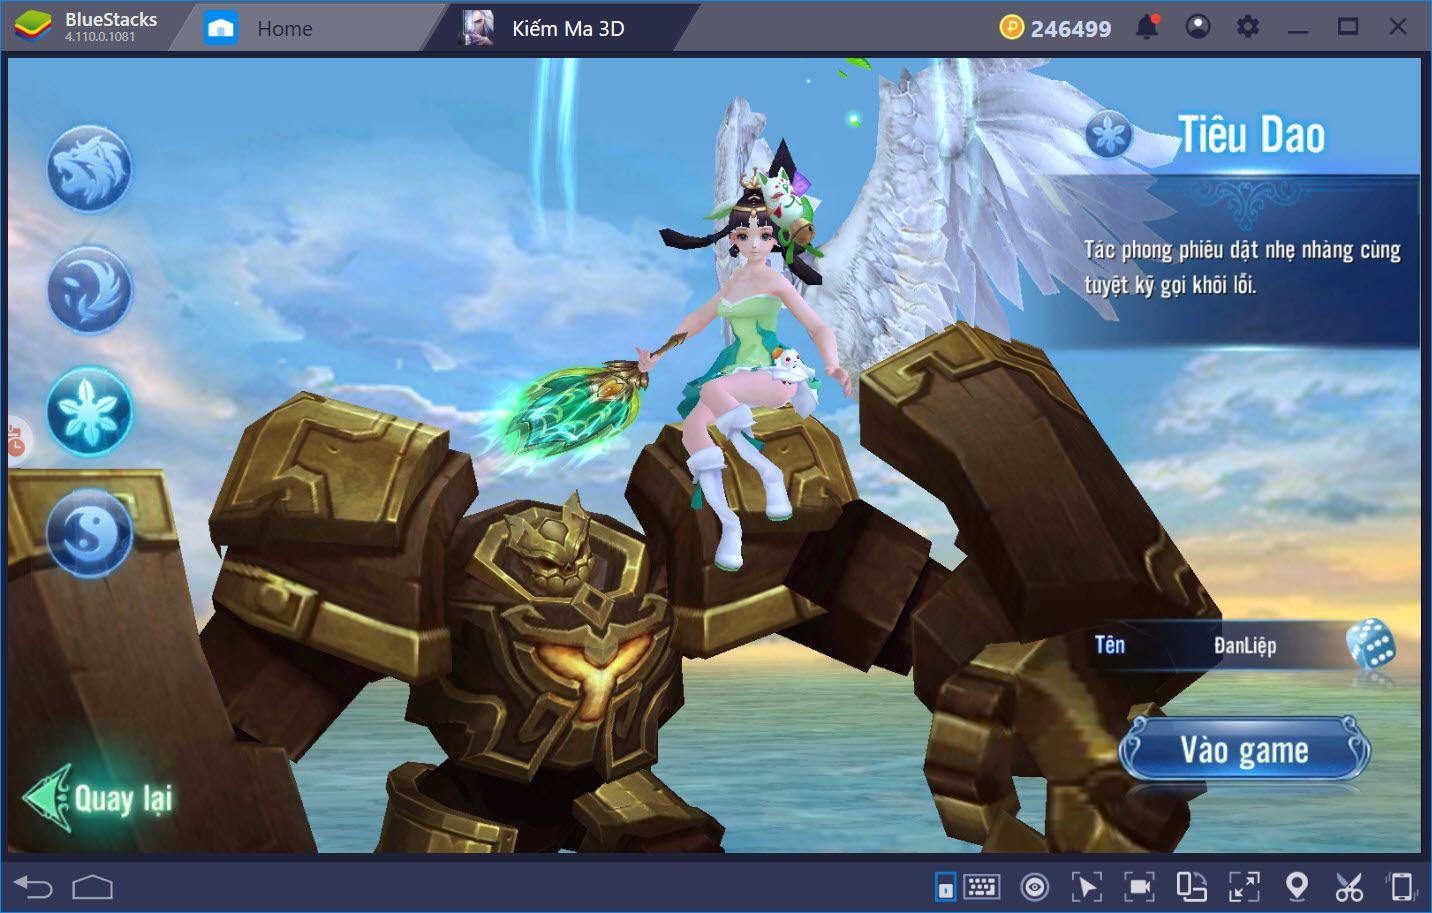 Giới thiệu hệ thống nhân vật trong Kiếm Ma 3D